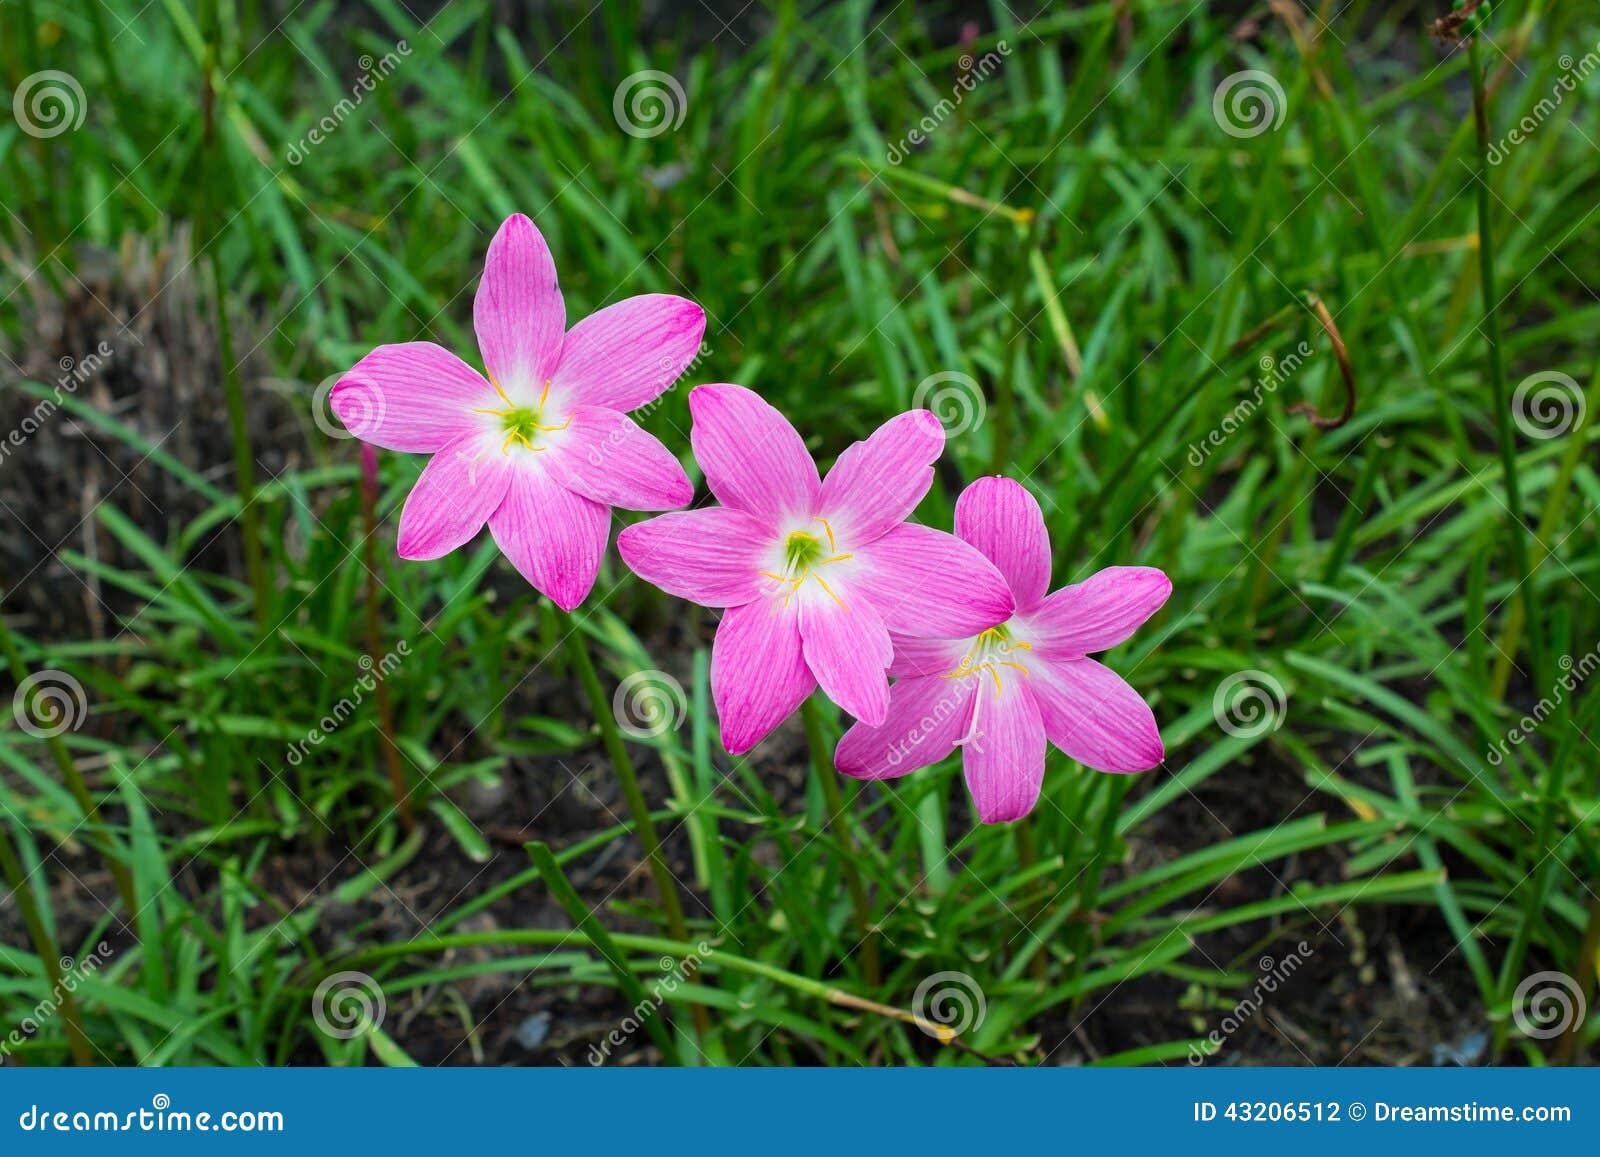 Download Rosa lilja arkivfoto. Bild av trädgårdsnäring, green - 43206512